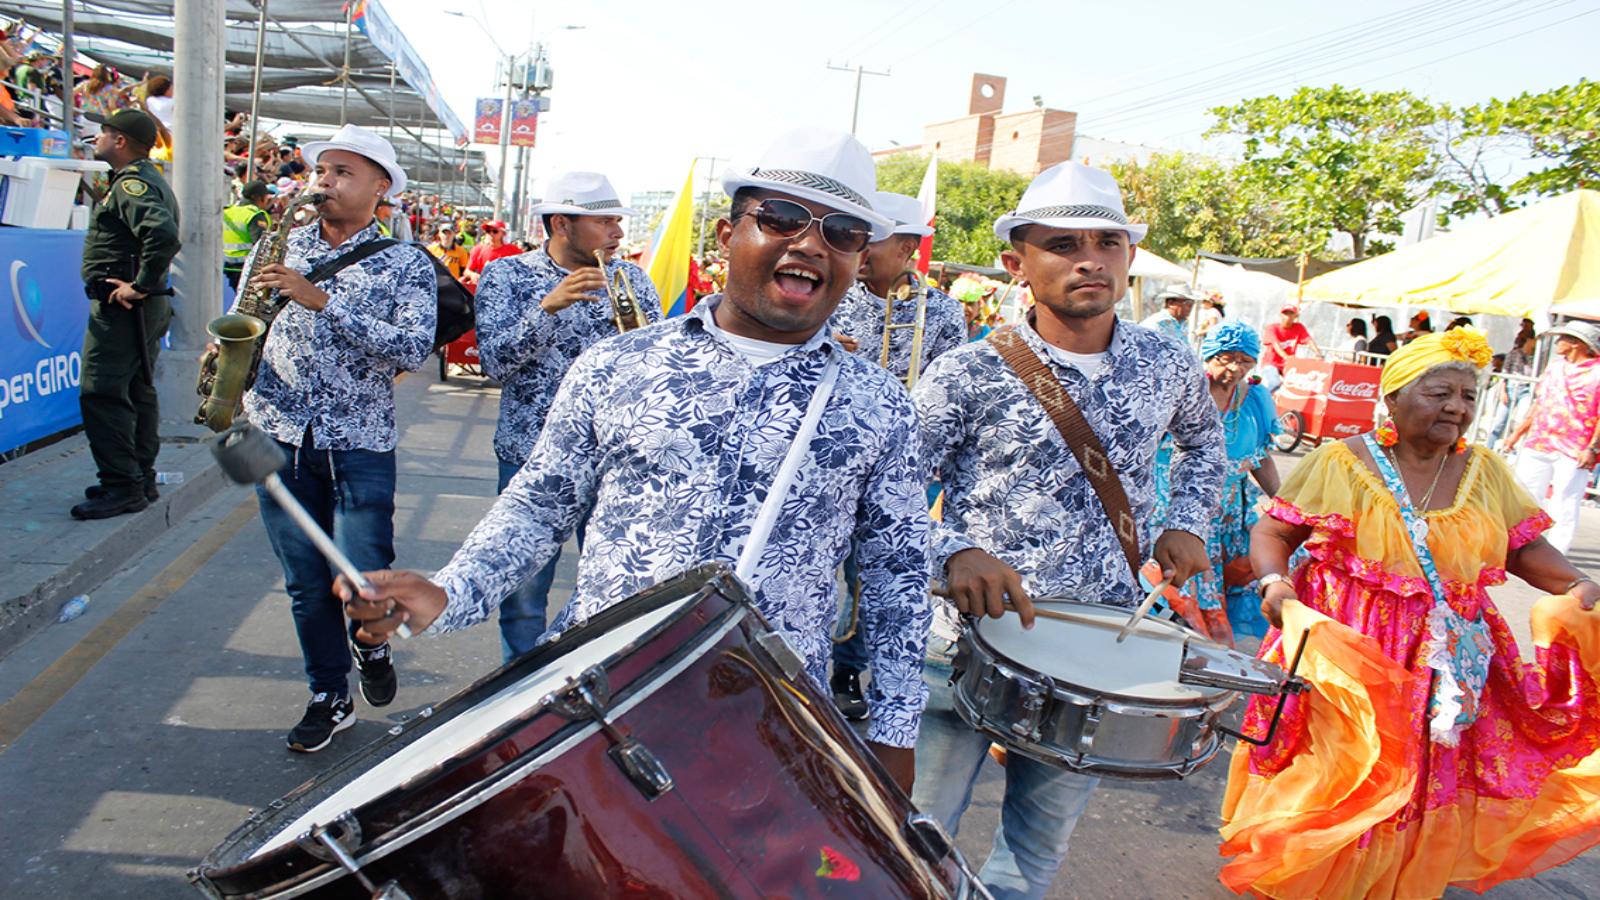 Los venezolanos que animaron el Carnaval de Barranquilla